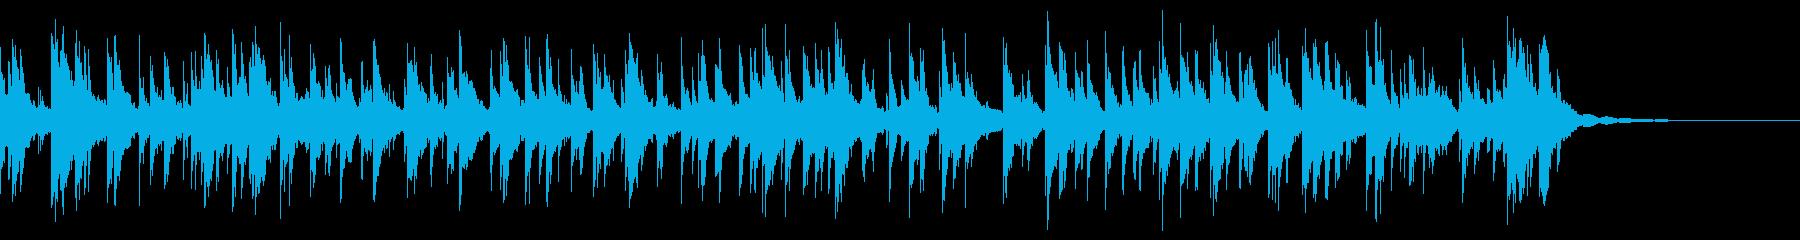 ラージブラスハンドベル:スウィング...の再生済みの波形